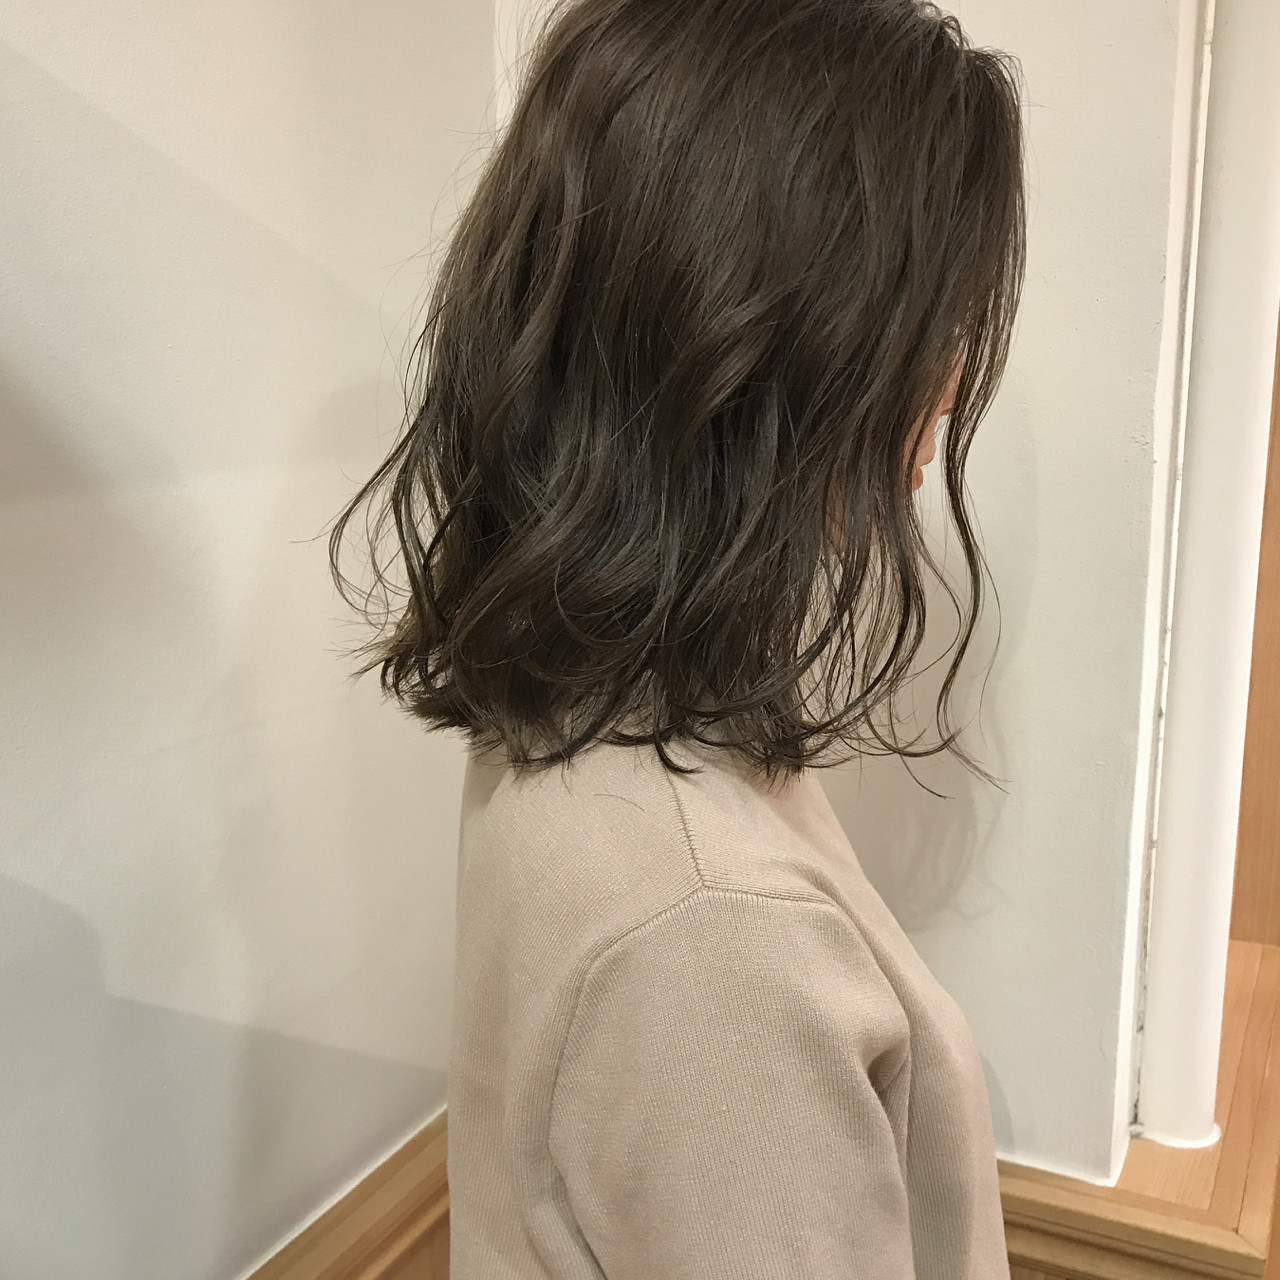 ロブ リラックス ボブ 切りっぱなし ヘアスタイルや髪型の写真・画像 | KENTO.NOESALON / NOE SALON